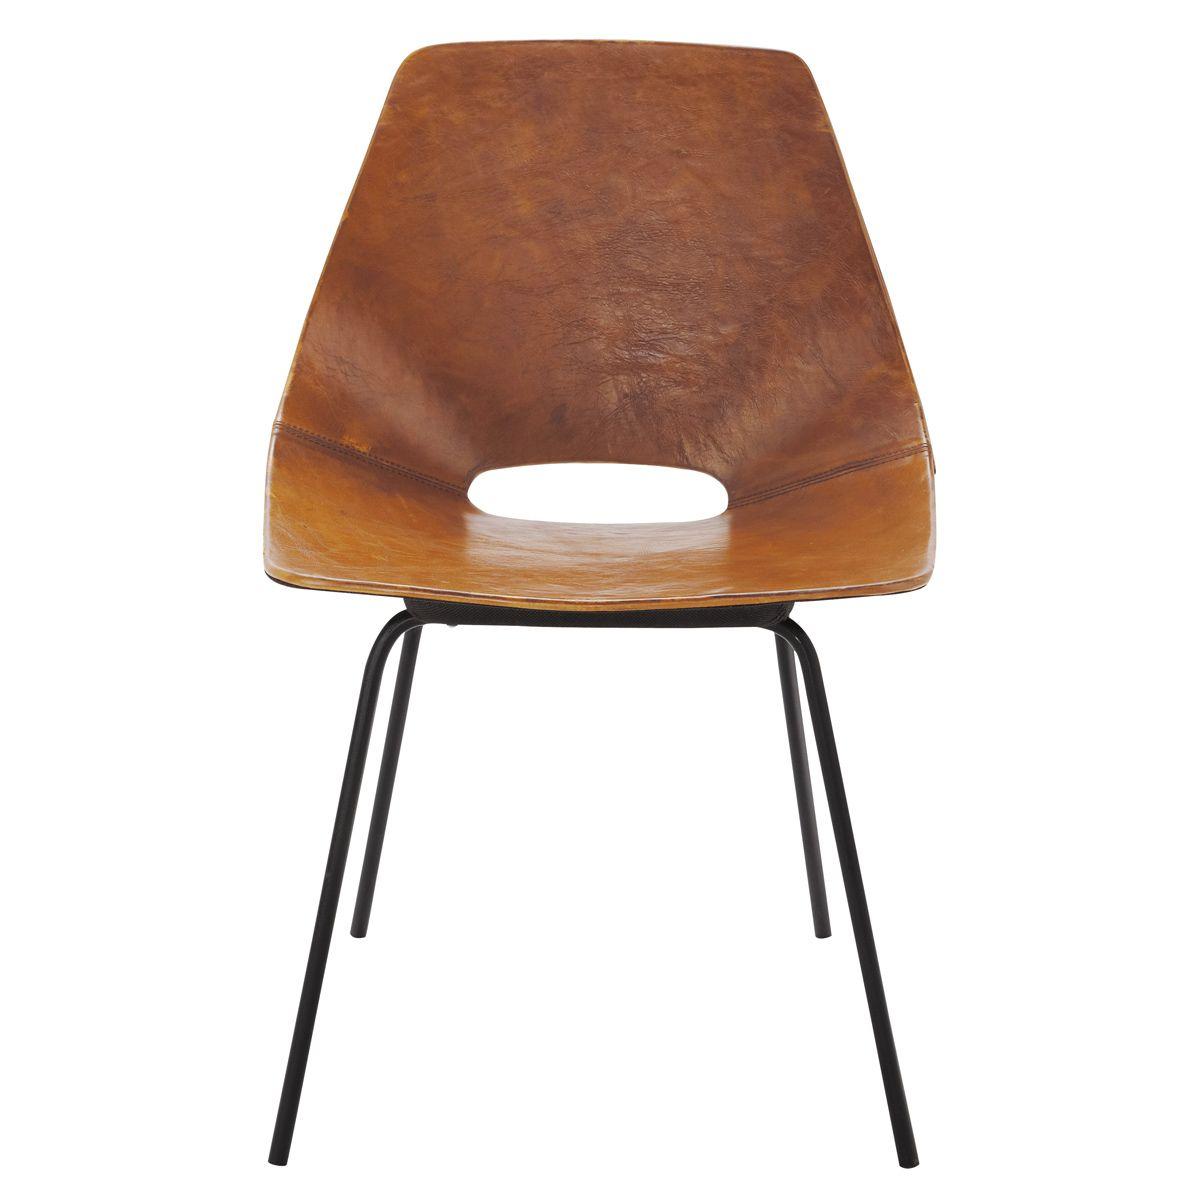 chaise tonneau guariche en cuir et mtal cognac amsterdam